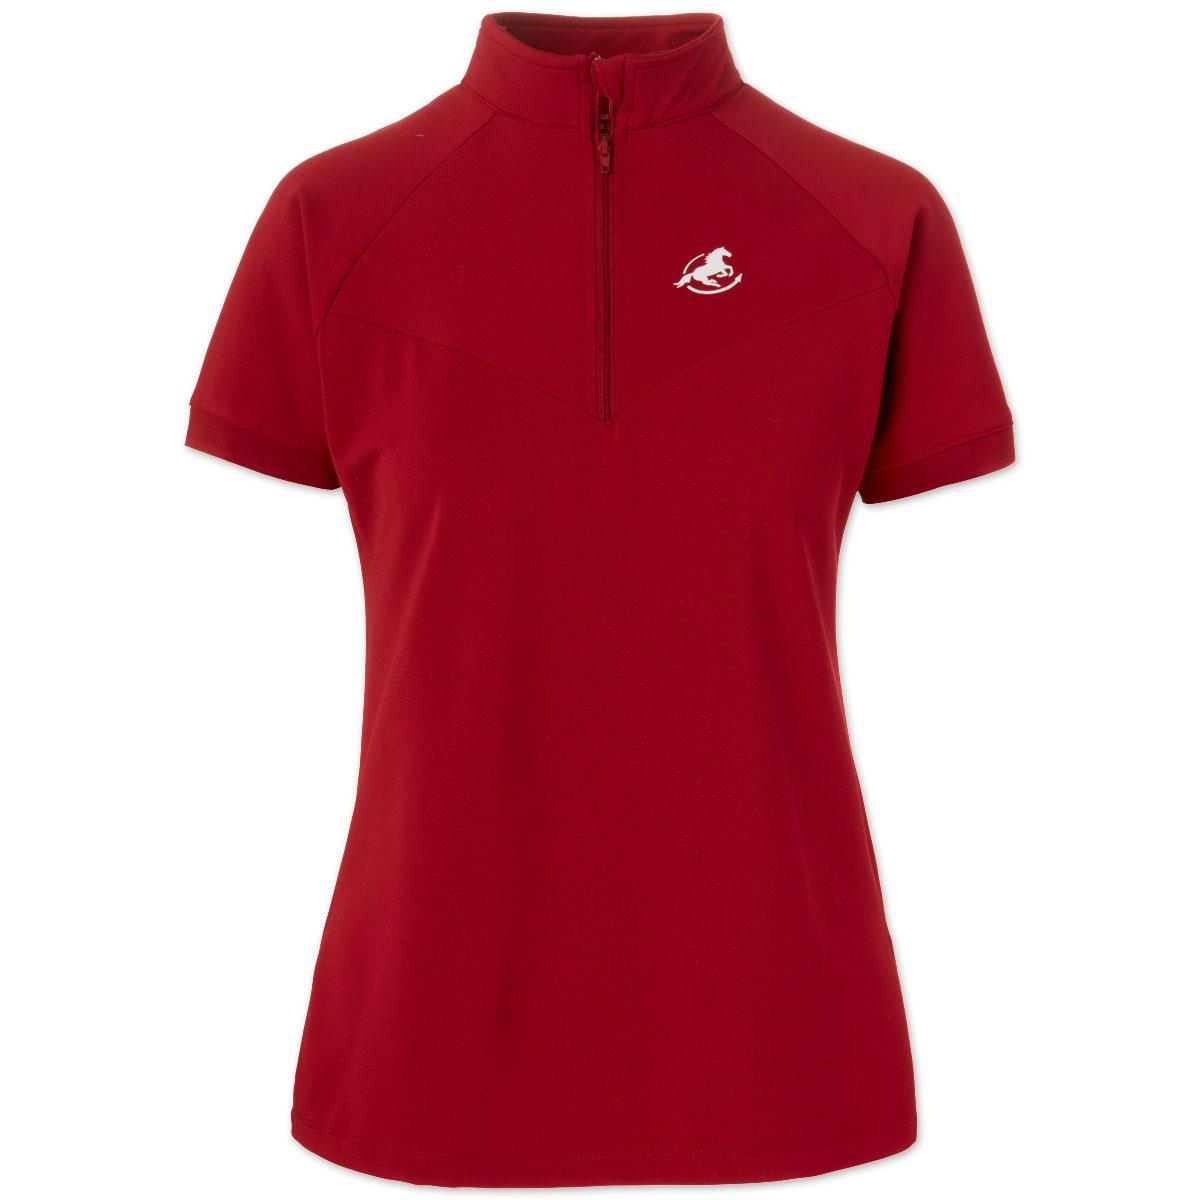 Piper Technical Short Sleeve 1/4 Zip Shirt by SmartPak